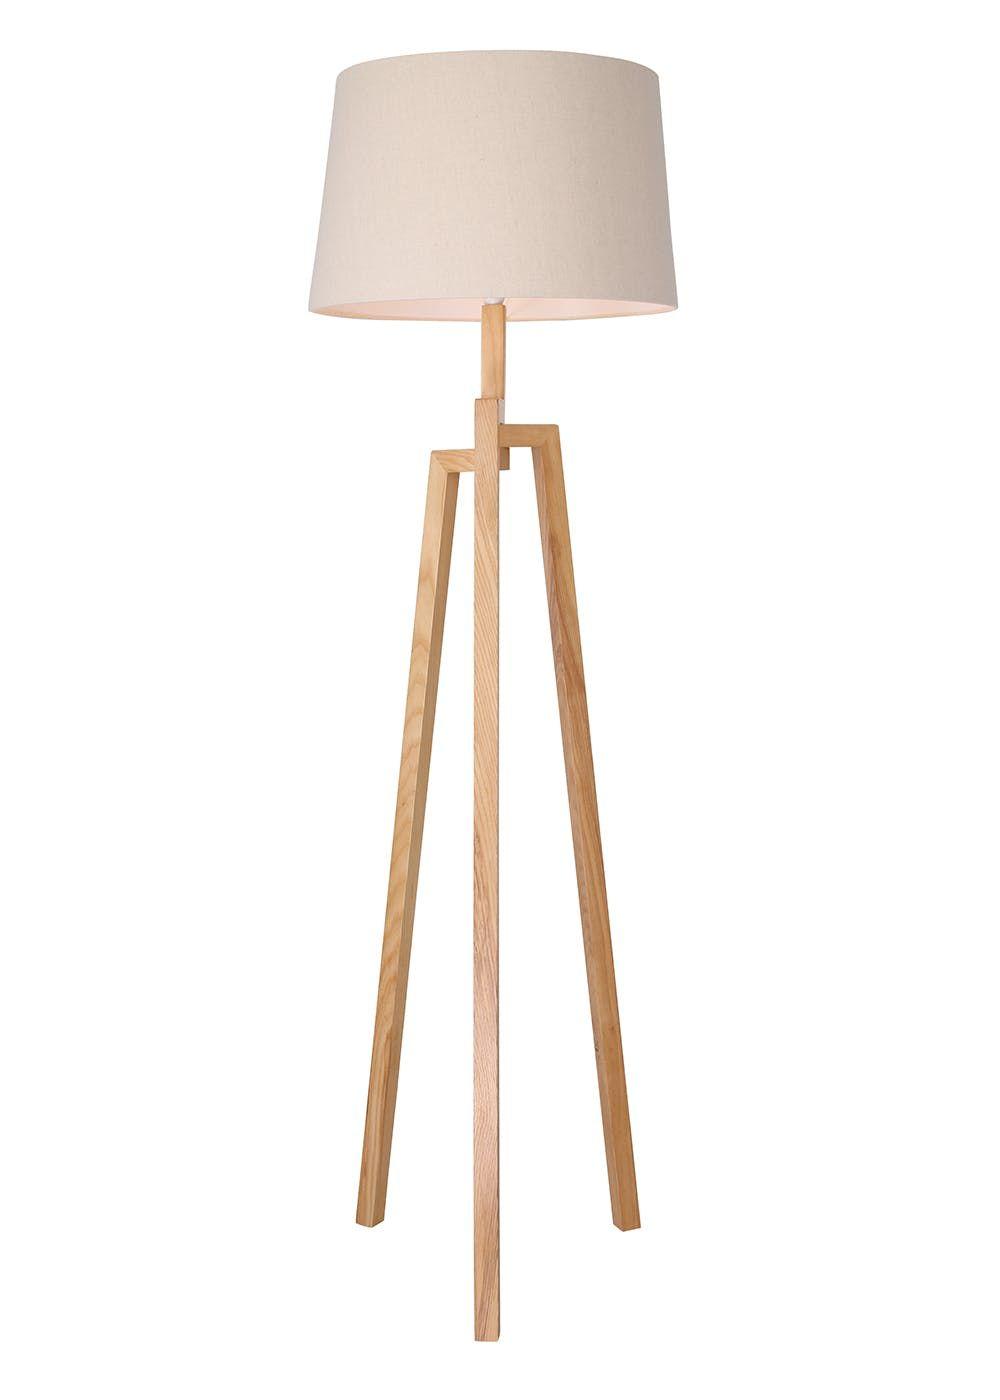 Luca Tripod Floor Lamp H156cm X W46cm Brown Wooden Floor